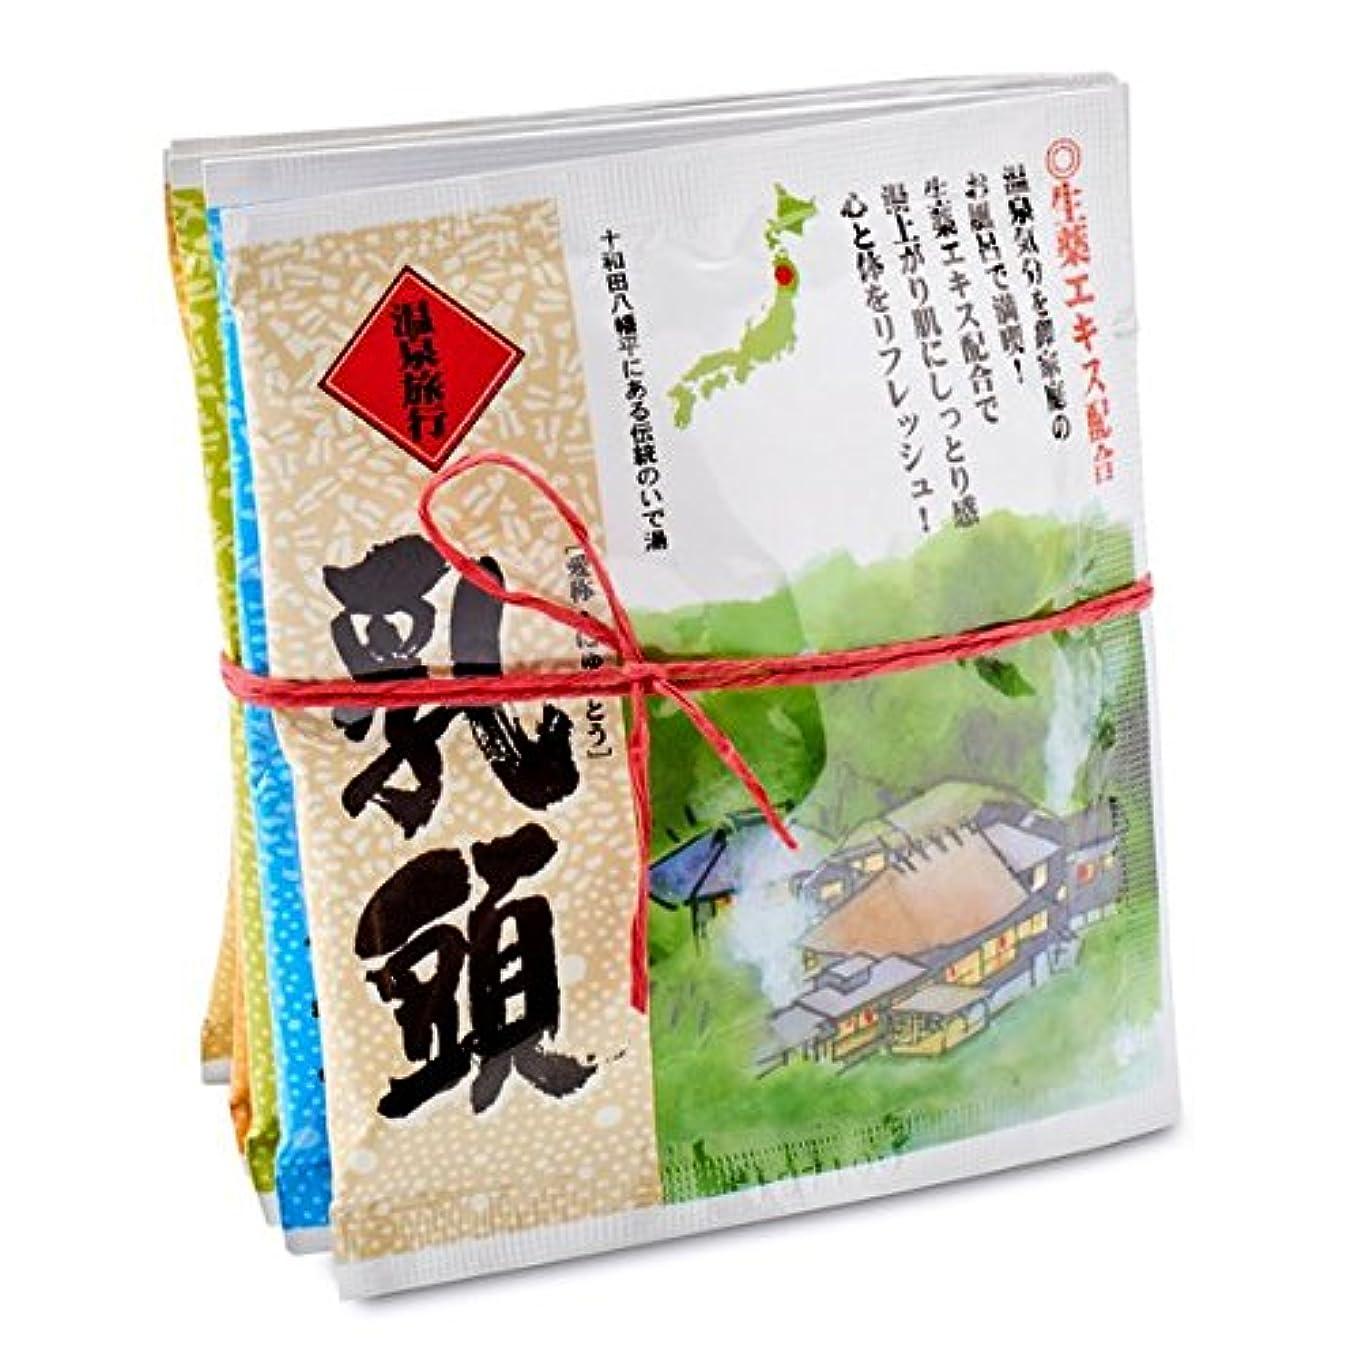 忠実眠り中央値五洲薬品 温泉旅行 乳頭 25g 4987332128304